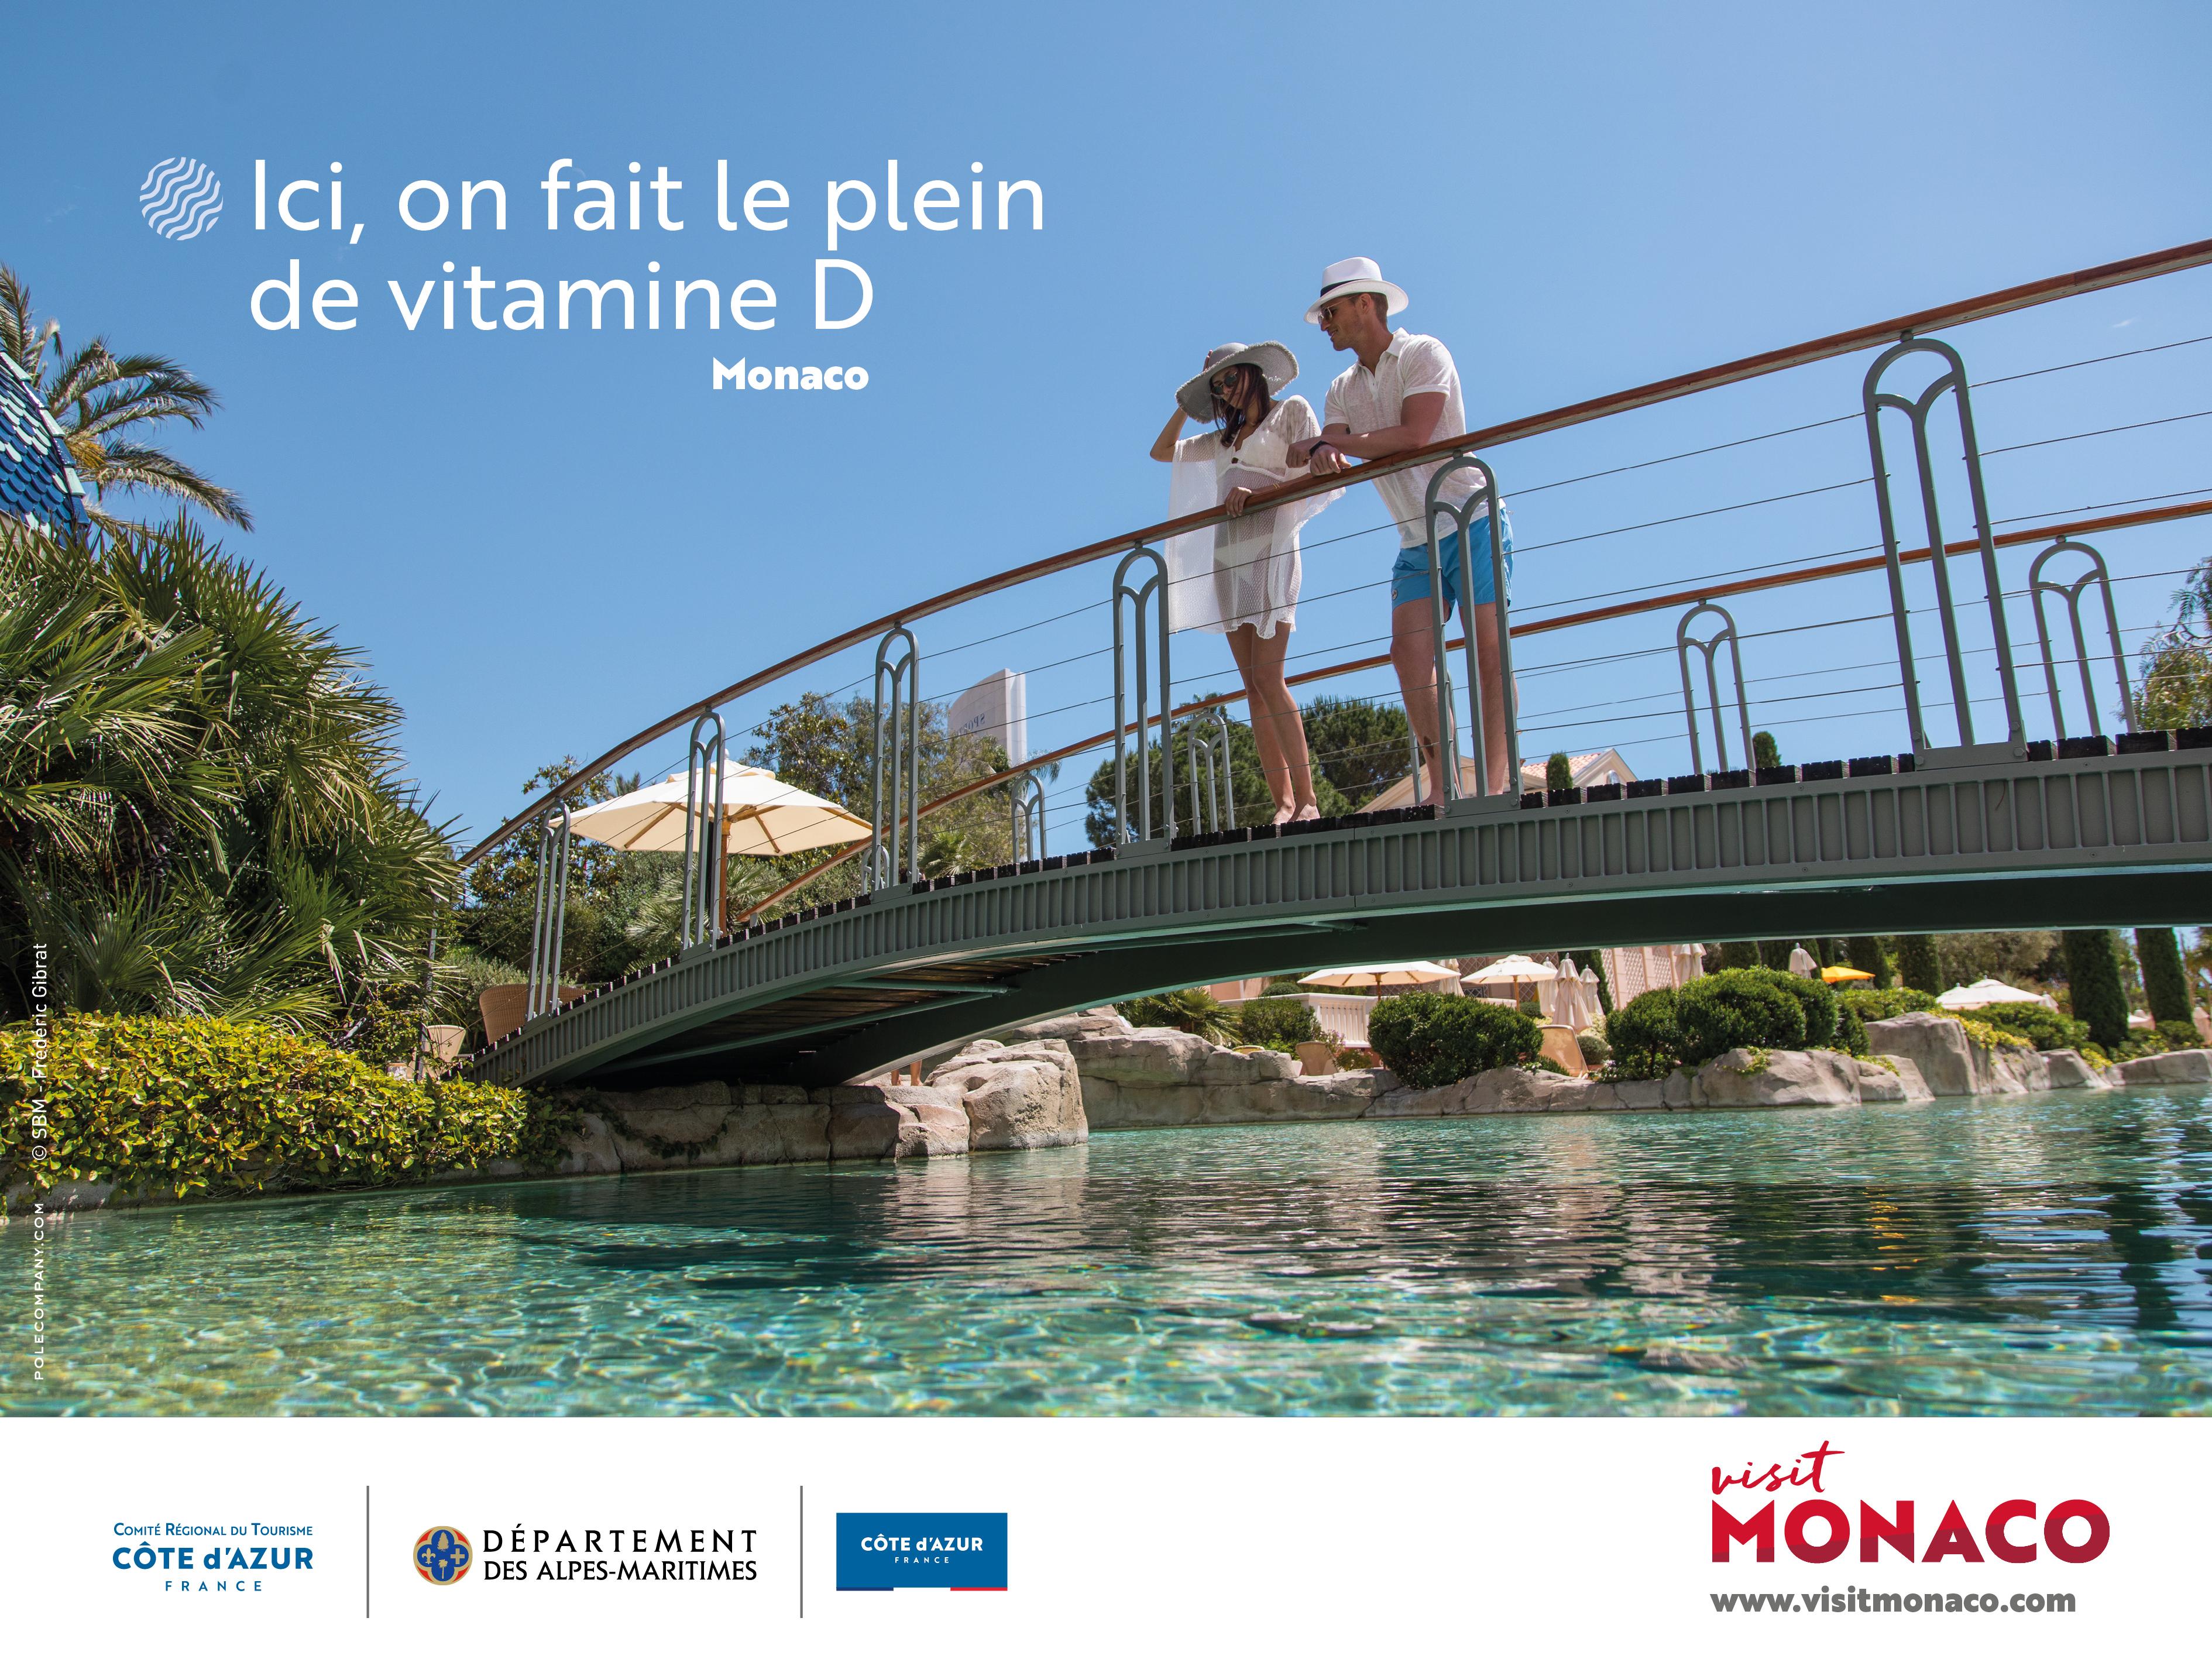 La campagne du CRT Côte d'Azur pour Monaco